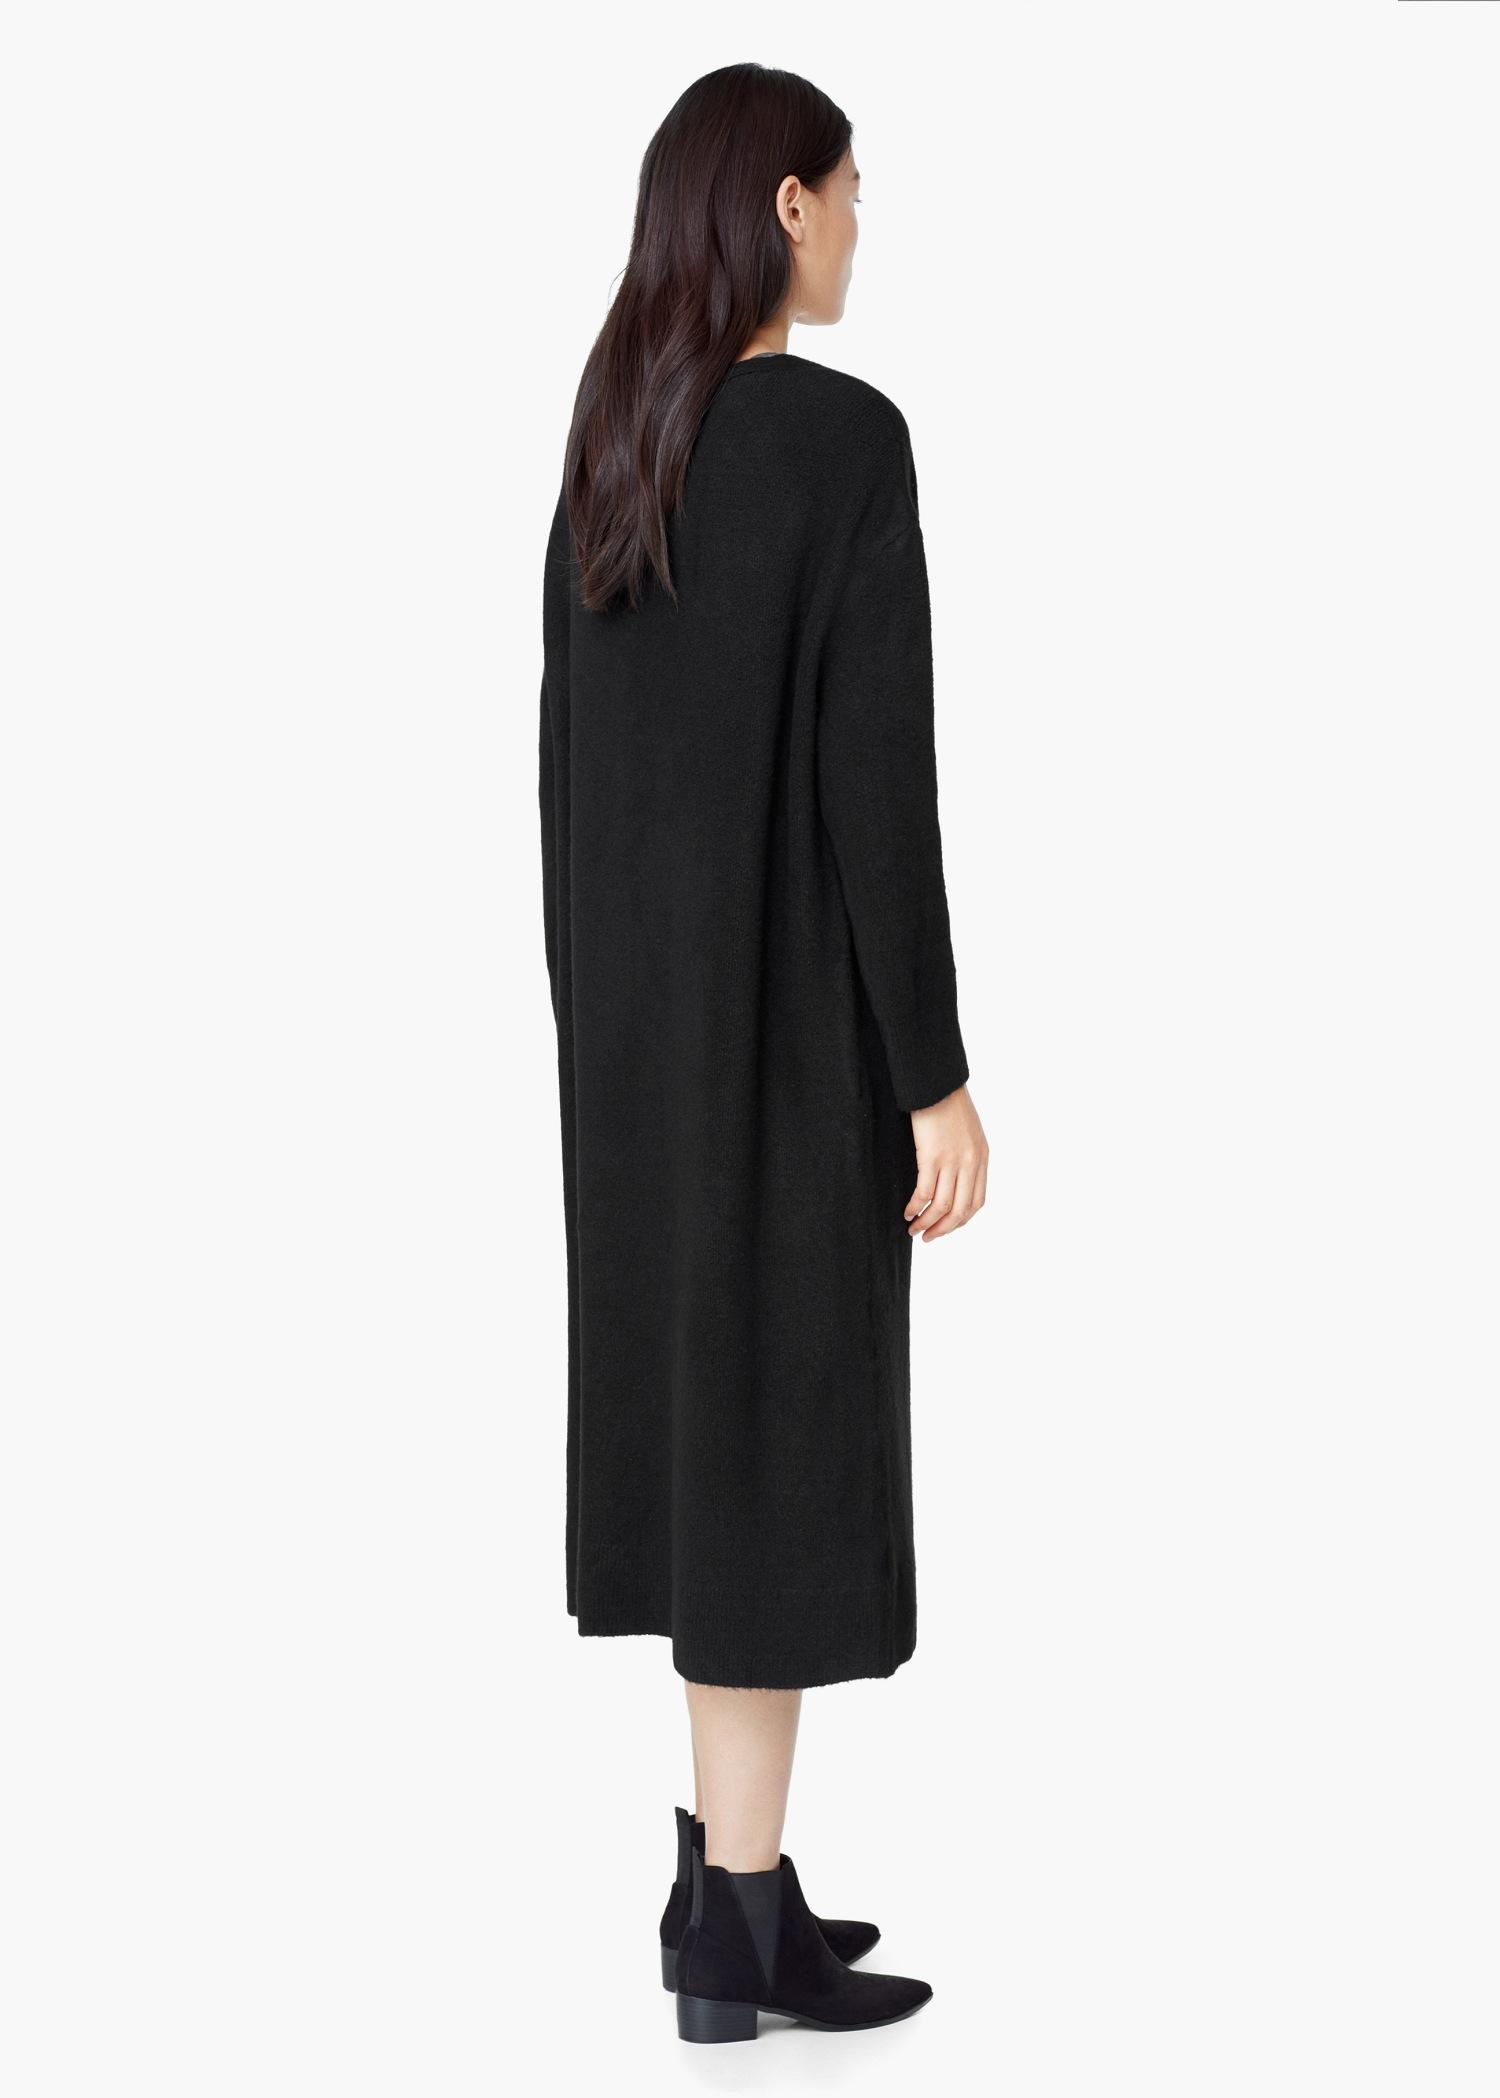 Mango Pocket Long Cardigan in Black | Lyst